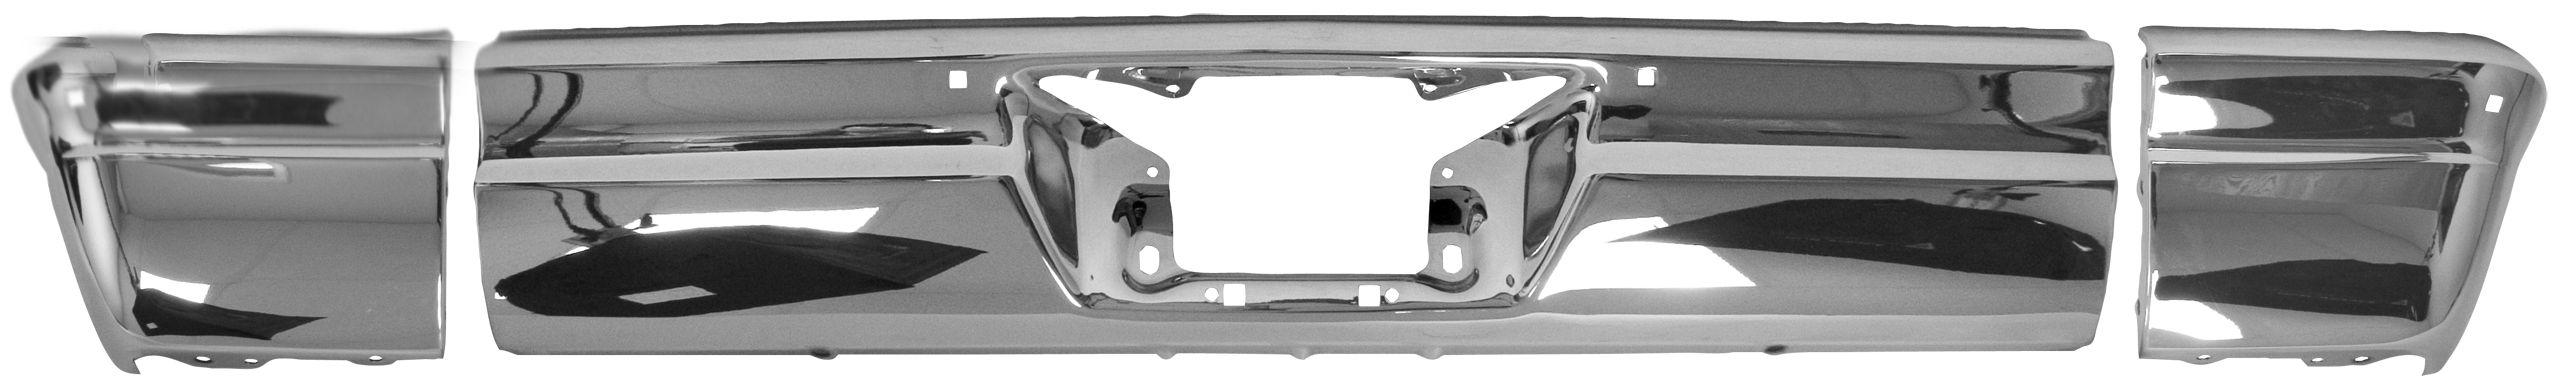 1965 Impala rer bumper chrome